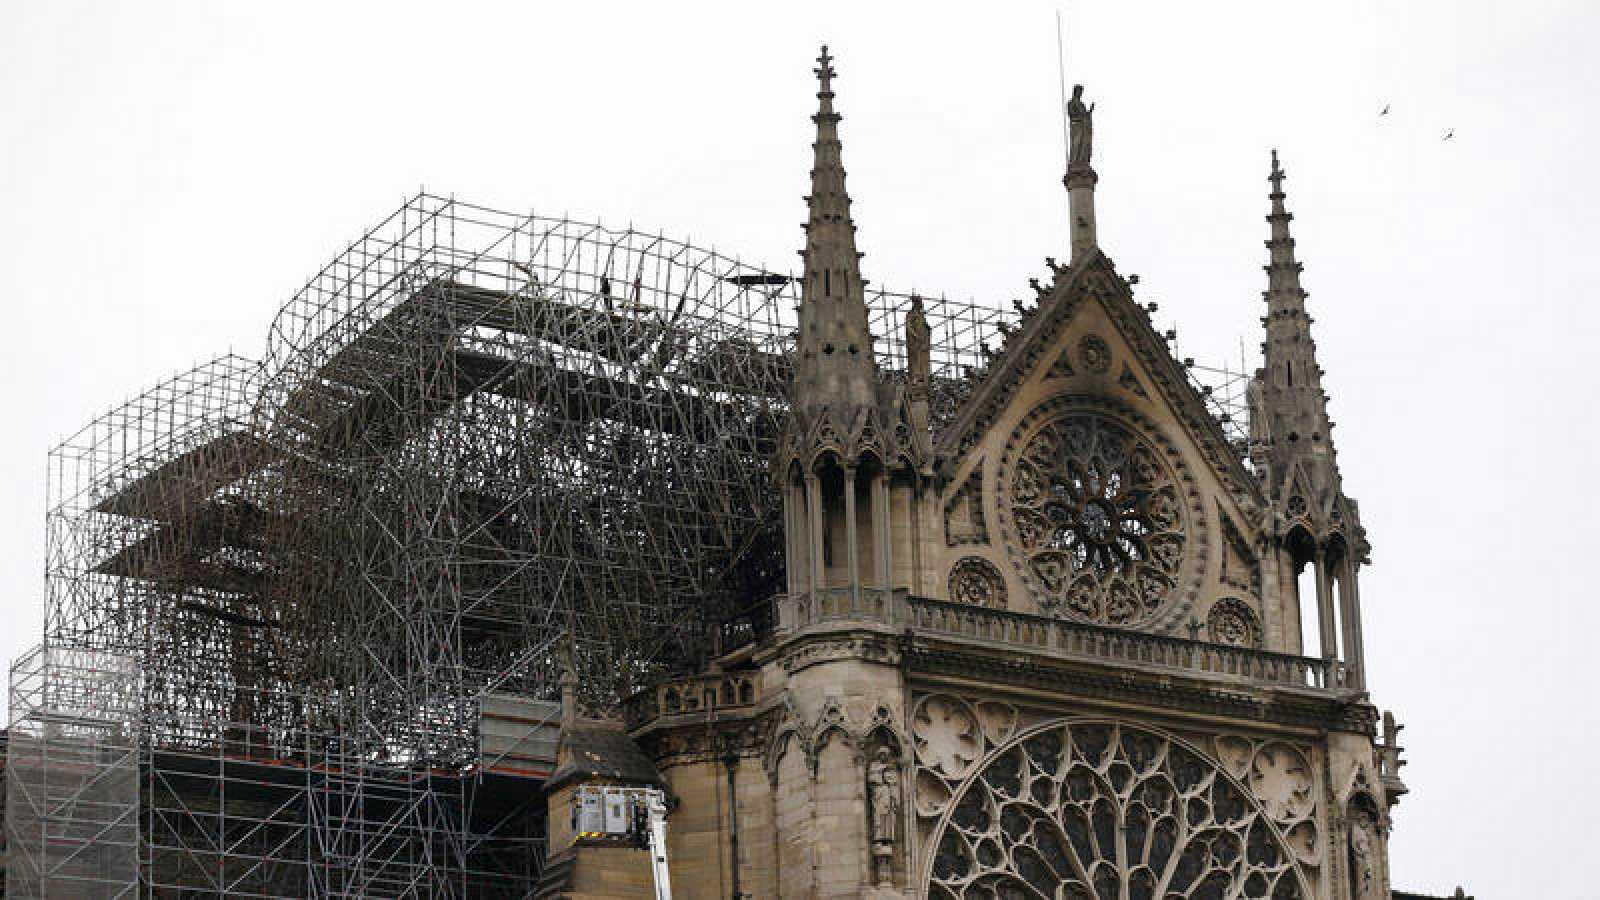 Vista de parte de la estructura la catedral de Notre Dame afectada por un incendio en París Francia